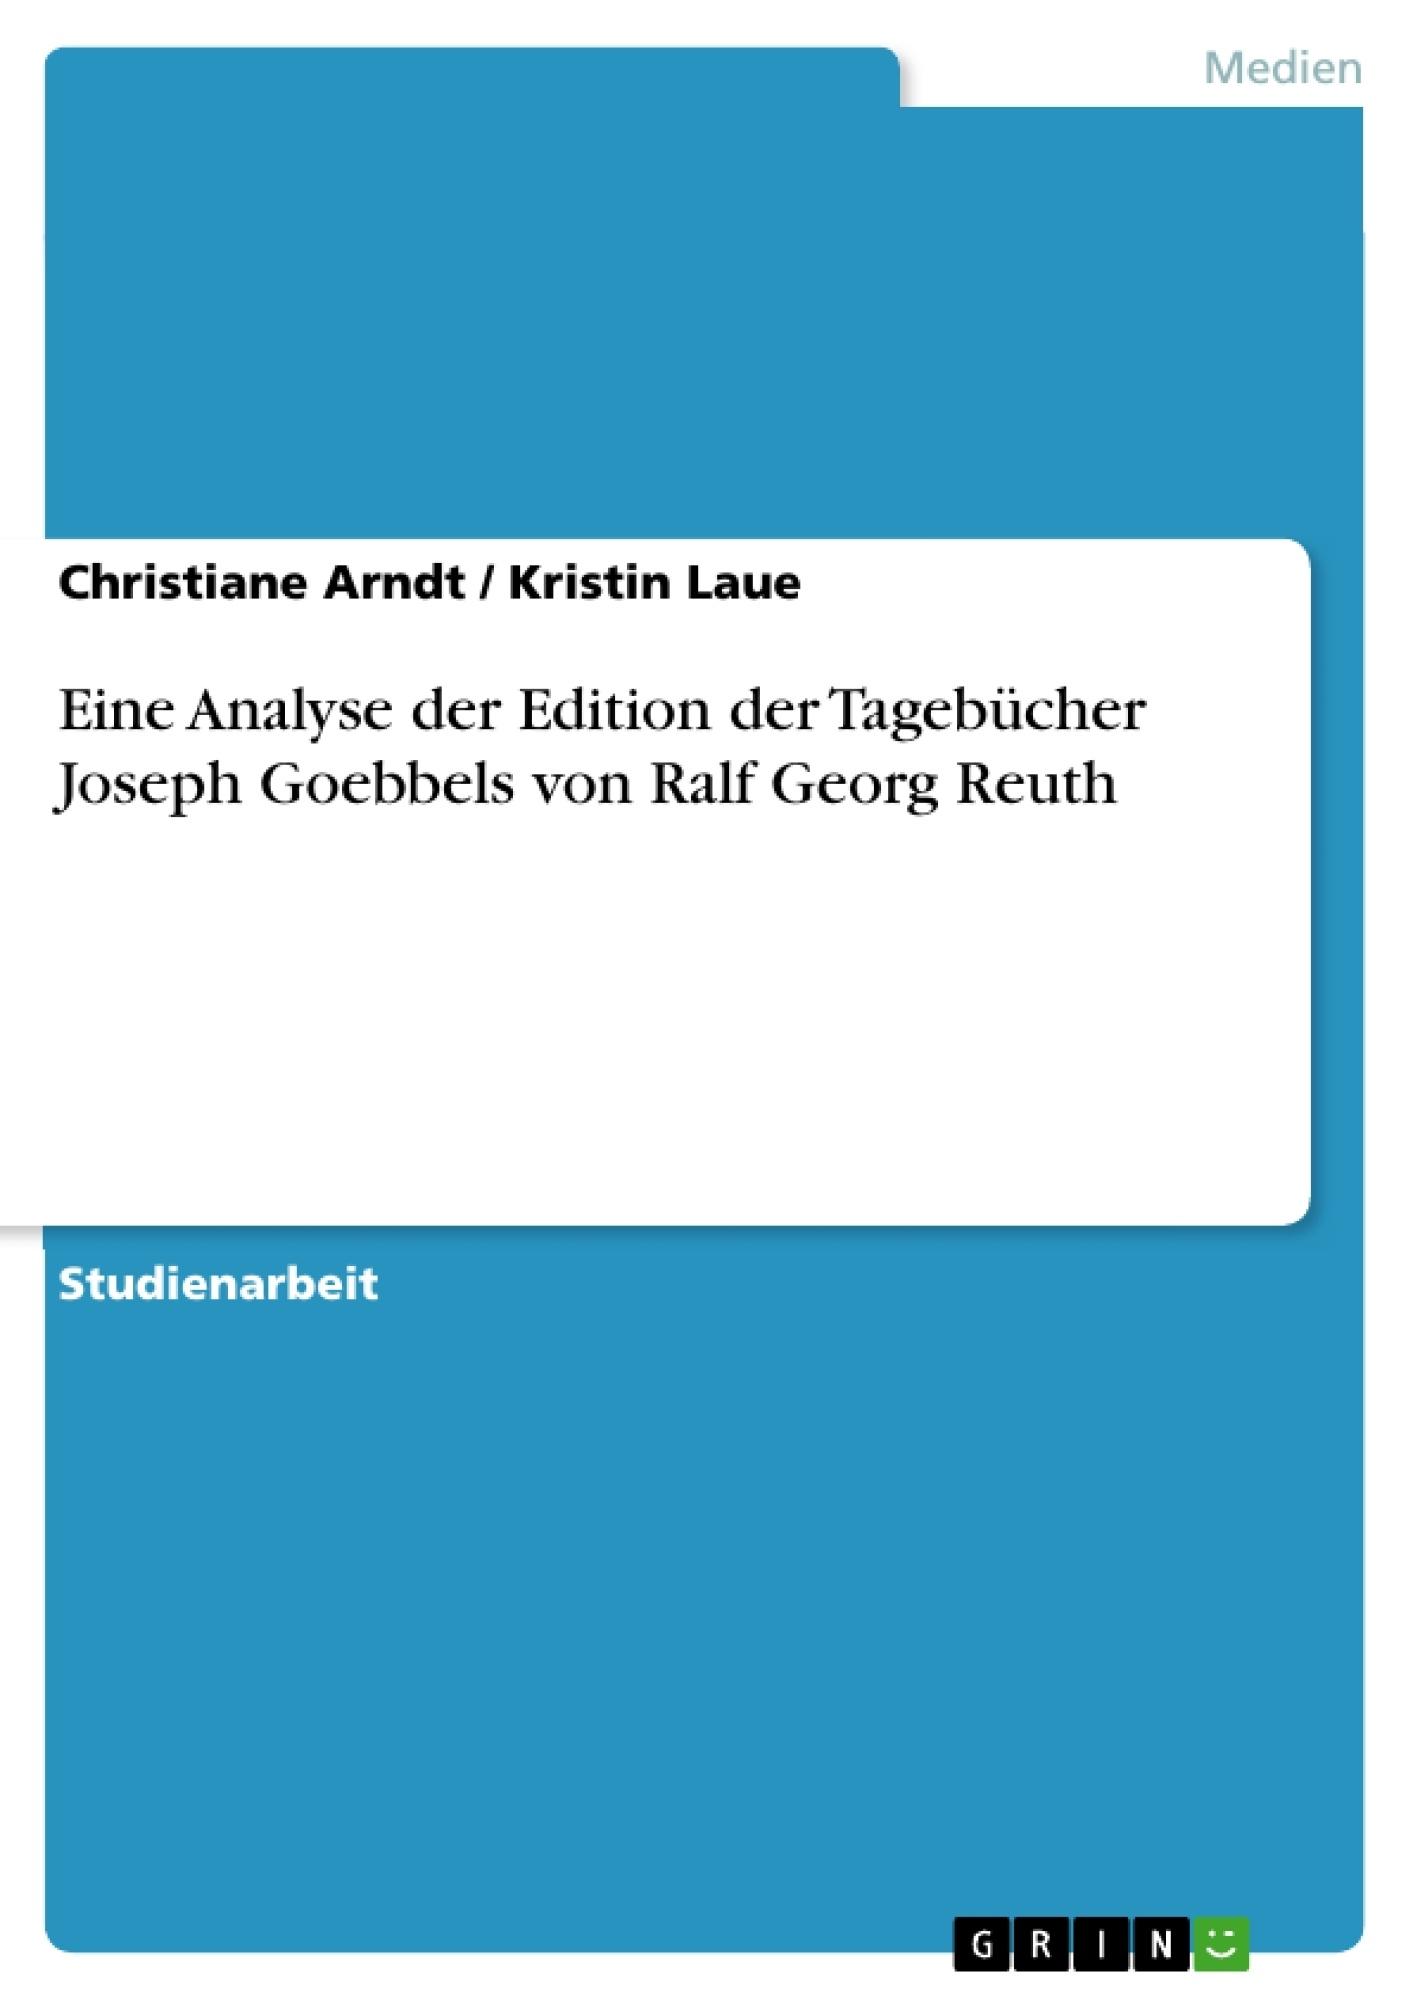 Titel: Eine Analyse der Edition der Tagebücher Joseph Goebbels von Ralf Georg Reuth